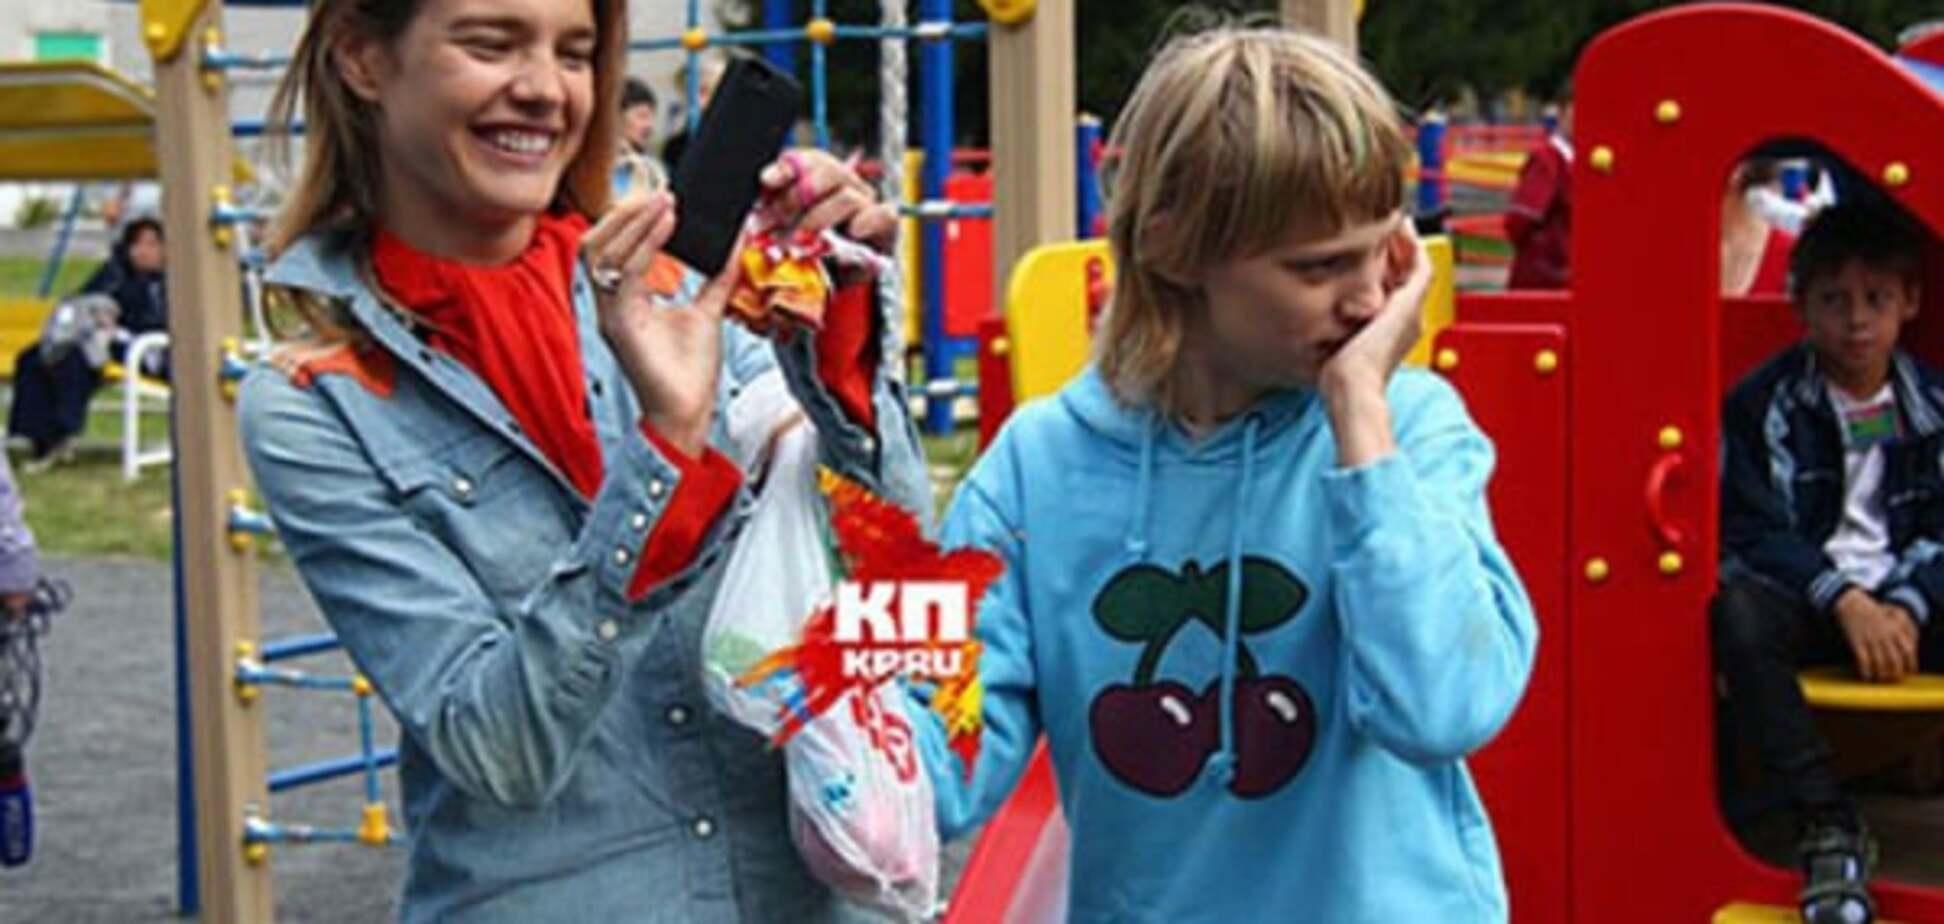 Мать Водяновой и оскорбивший сестру модели сотрудник кафе отказались от взаимных претензий